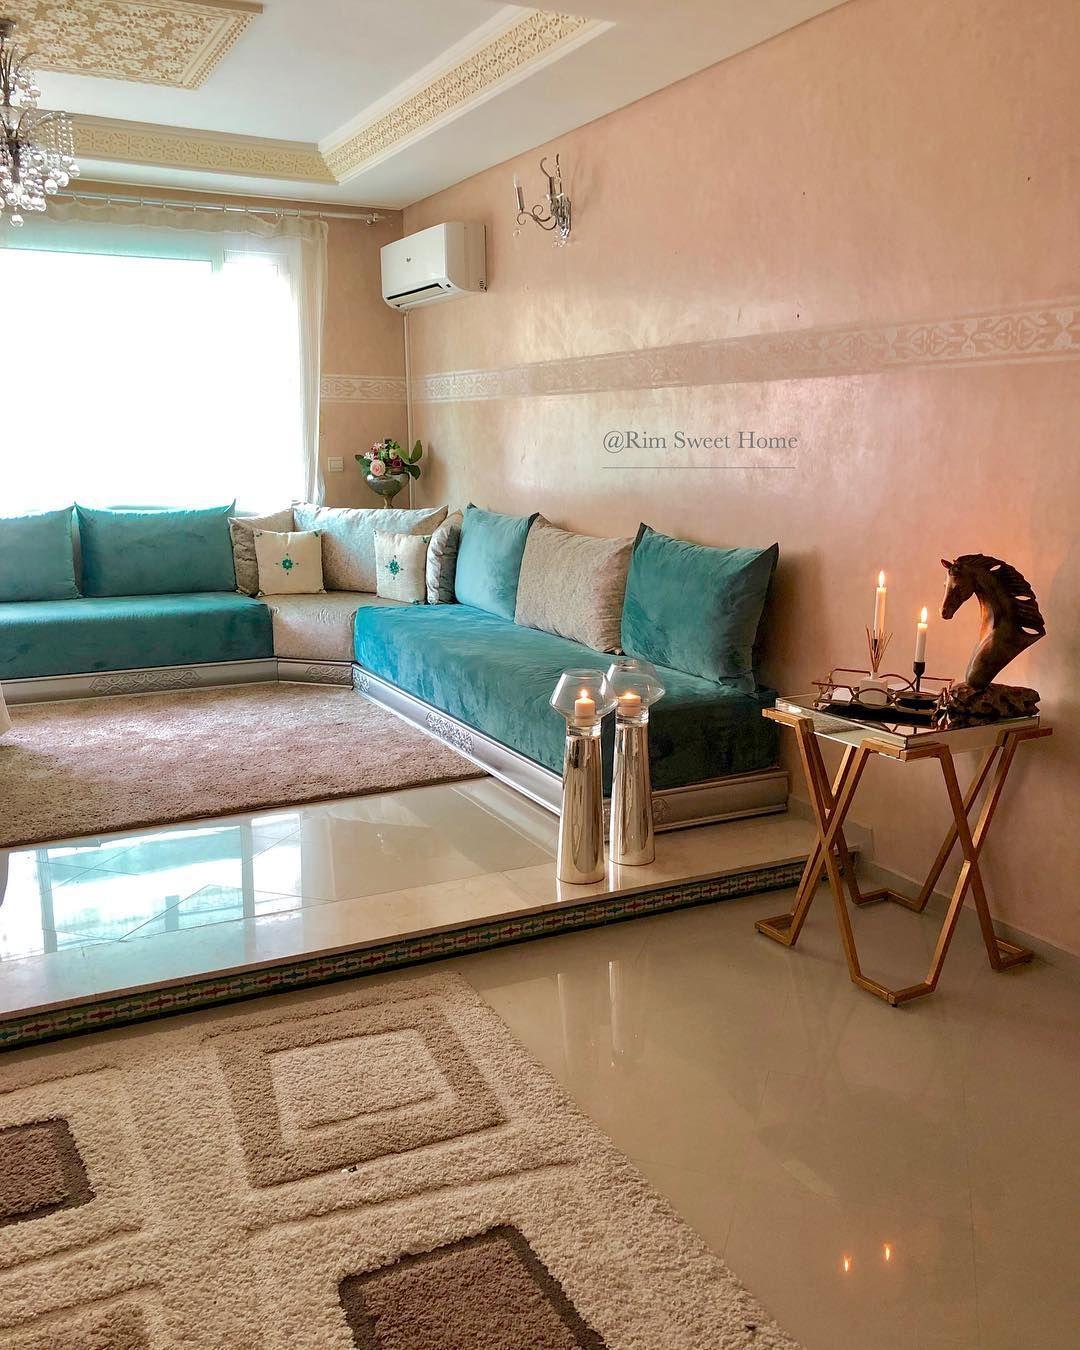 Maison Marocaine Sur Instagram Livingroom Decorationinterieur Design Architecte Home Living Room Design Decor Living Room Sofa Design Home Room Design